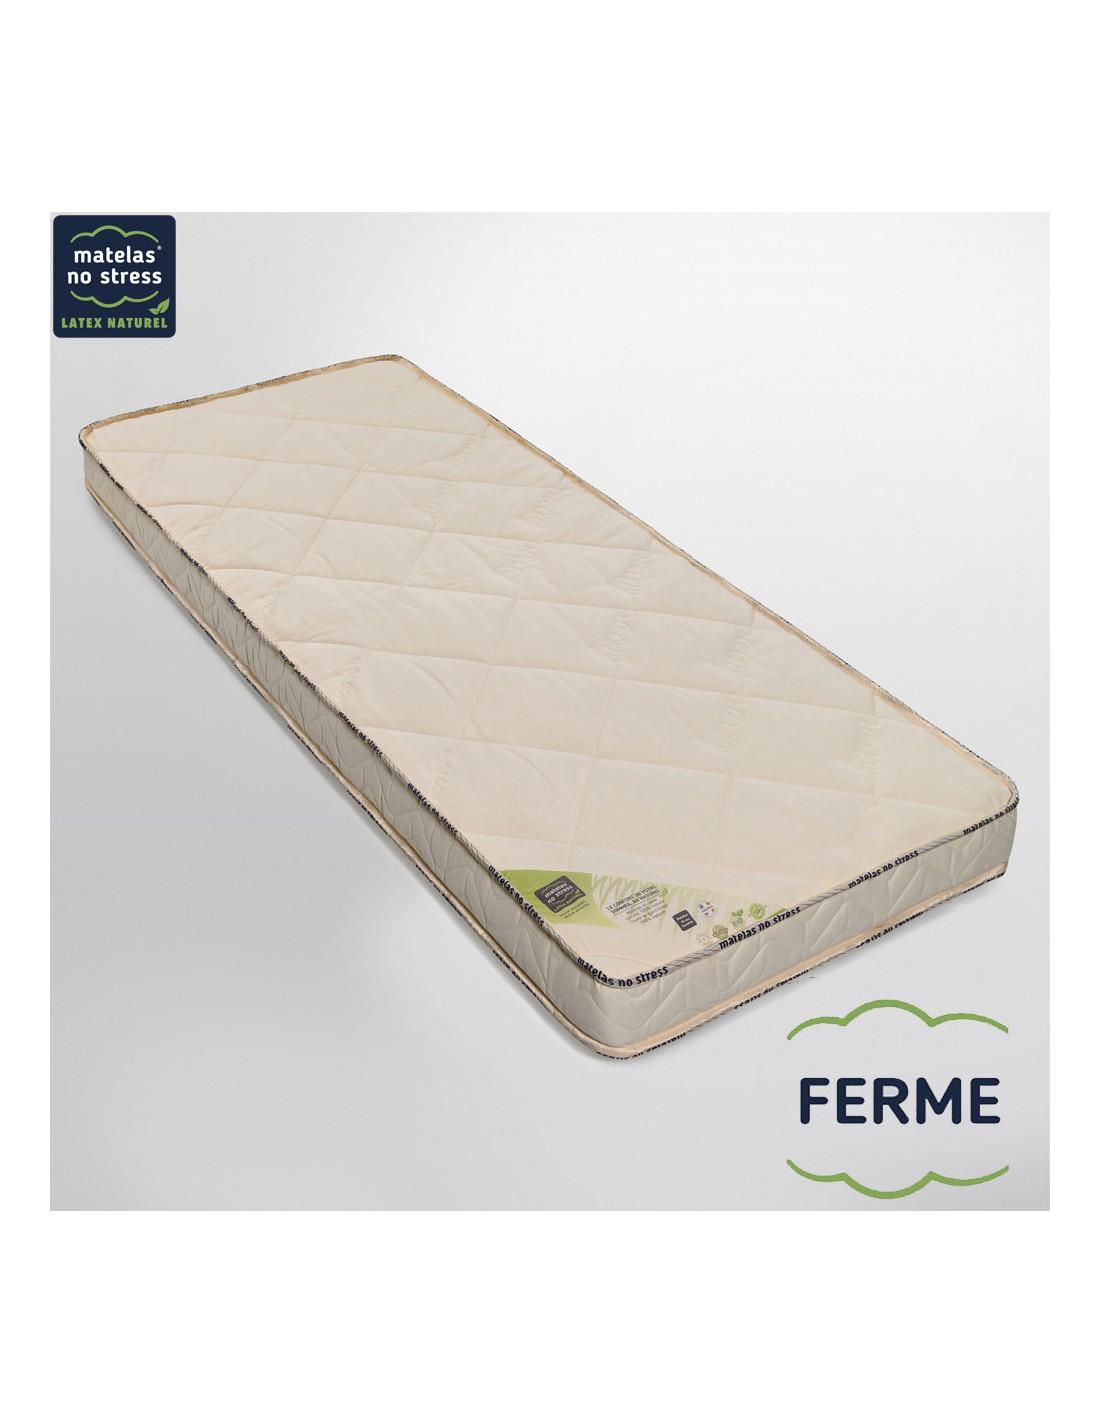 matelas latex naturel 160x200 bio charme m dium 14 cm. Black Bedroom Furniture Sets. Home Design Ideas